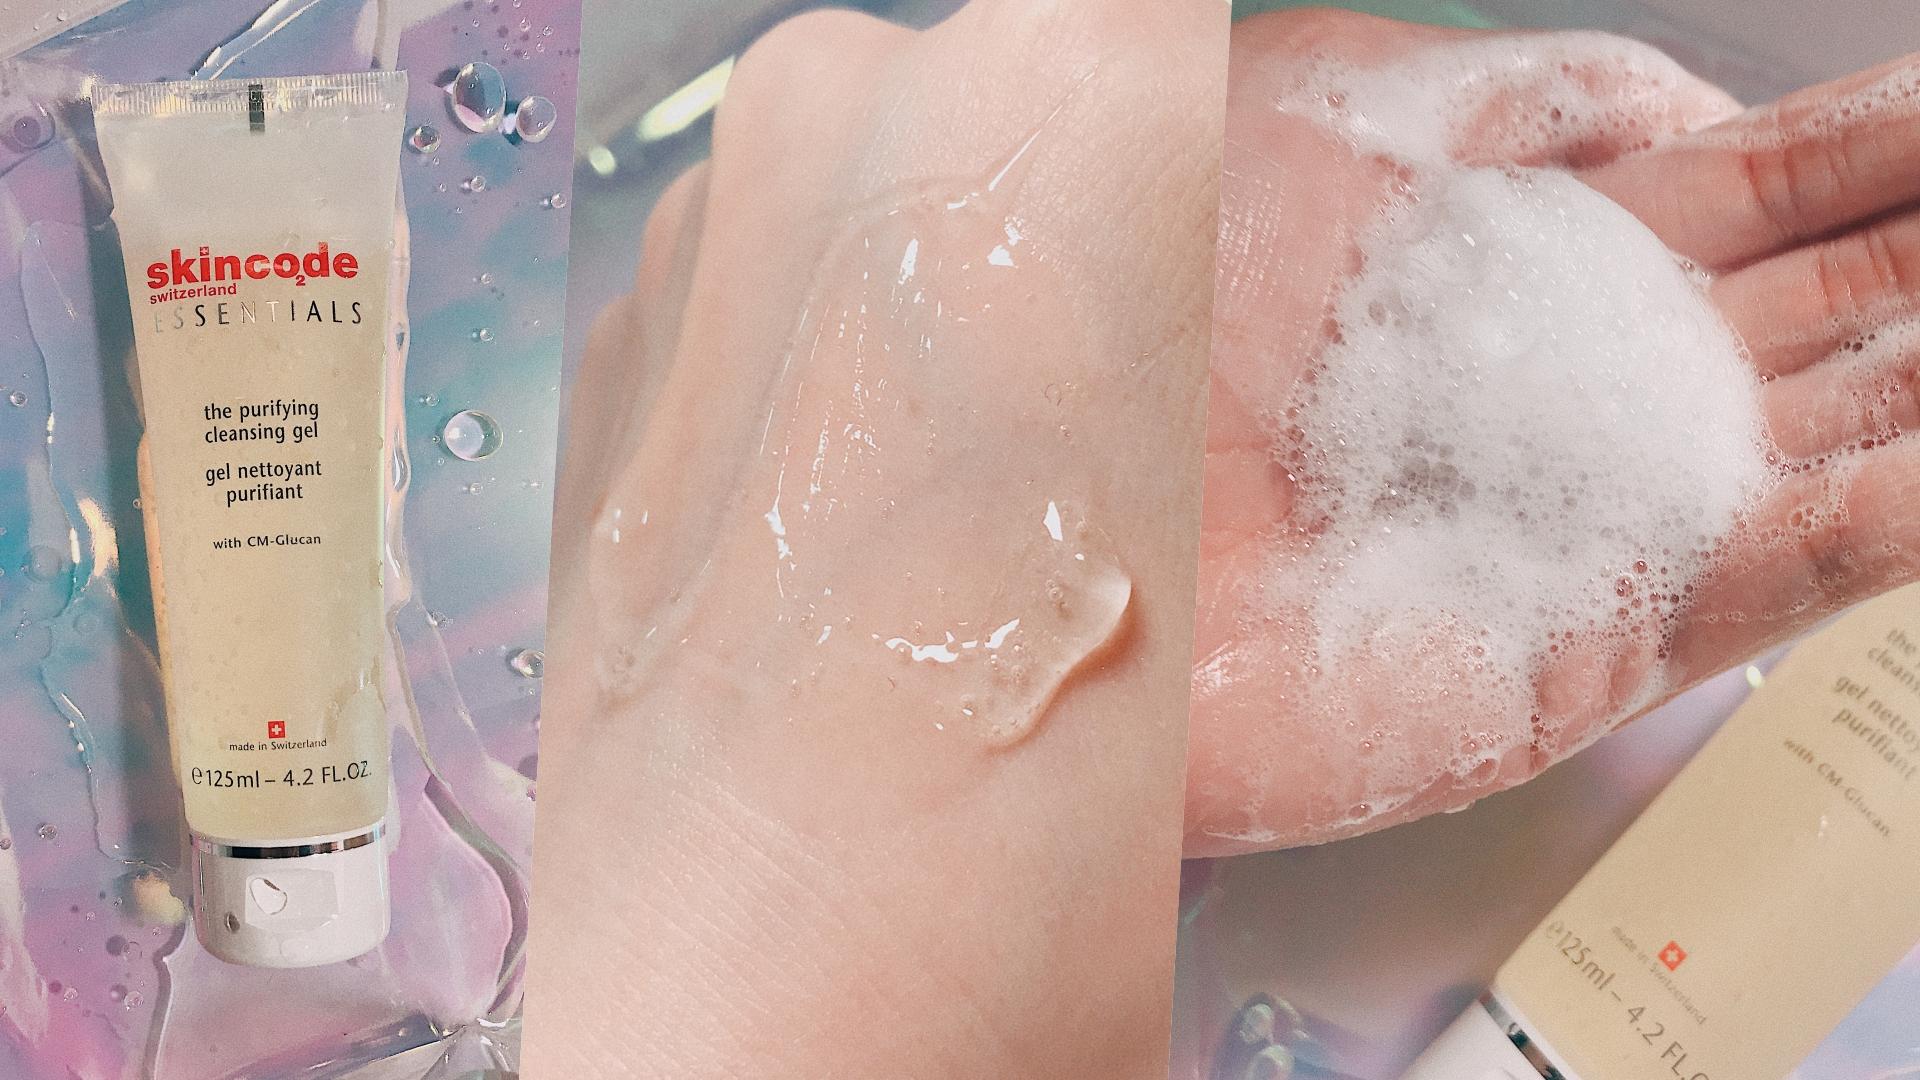 SKINCODE柔膚潔淨凝膠,不添加防腐劑、人工香料等會傷害肌膚的成分。